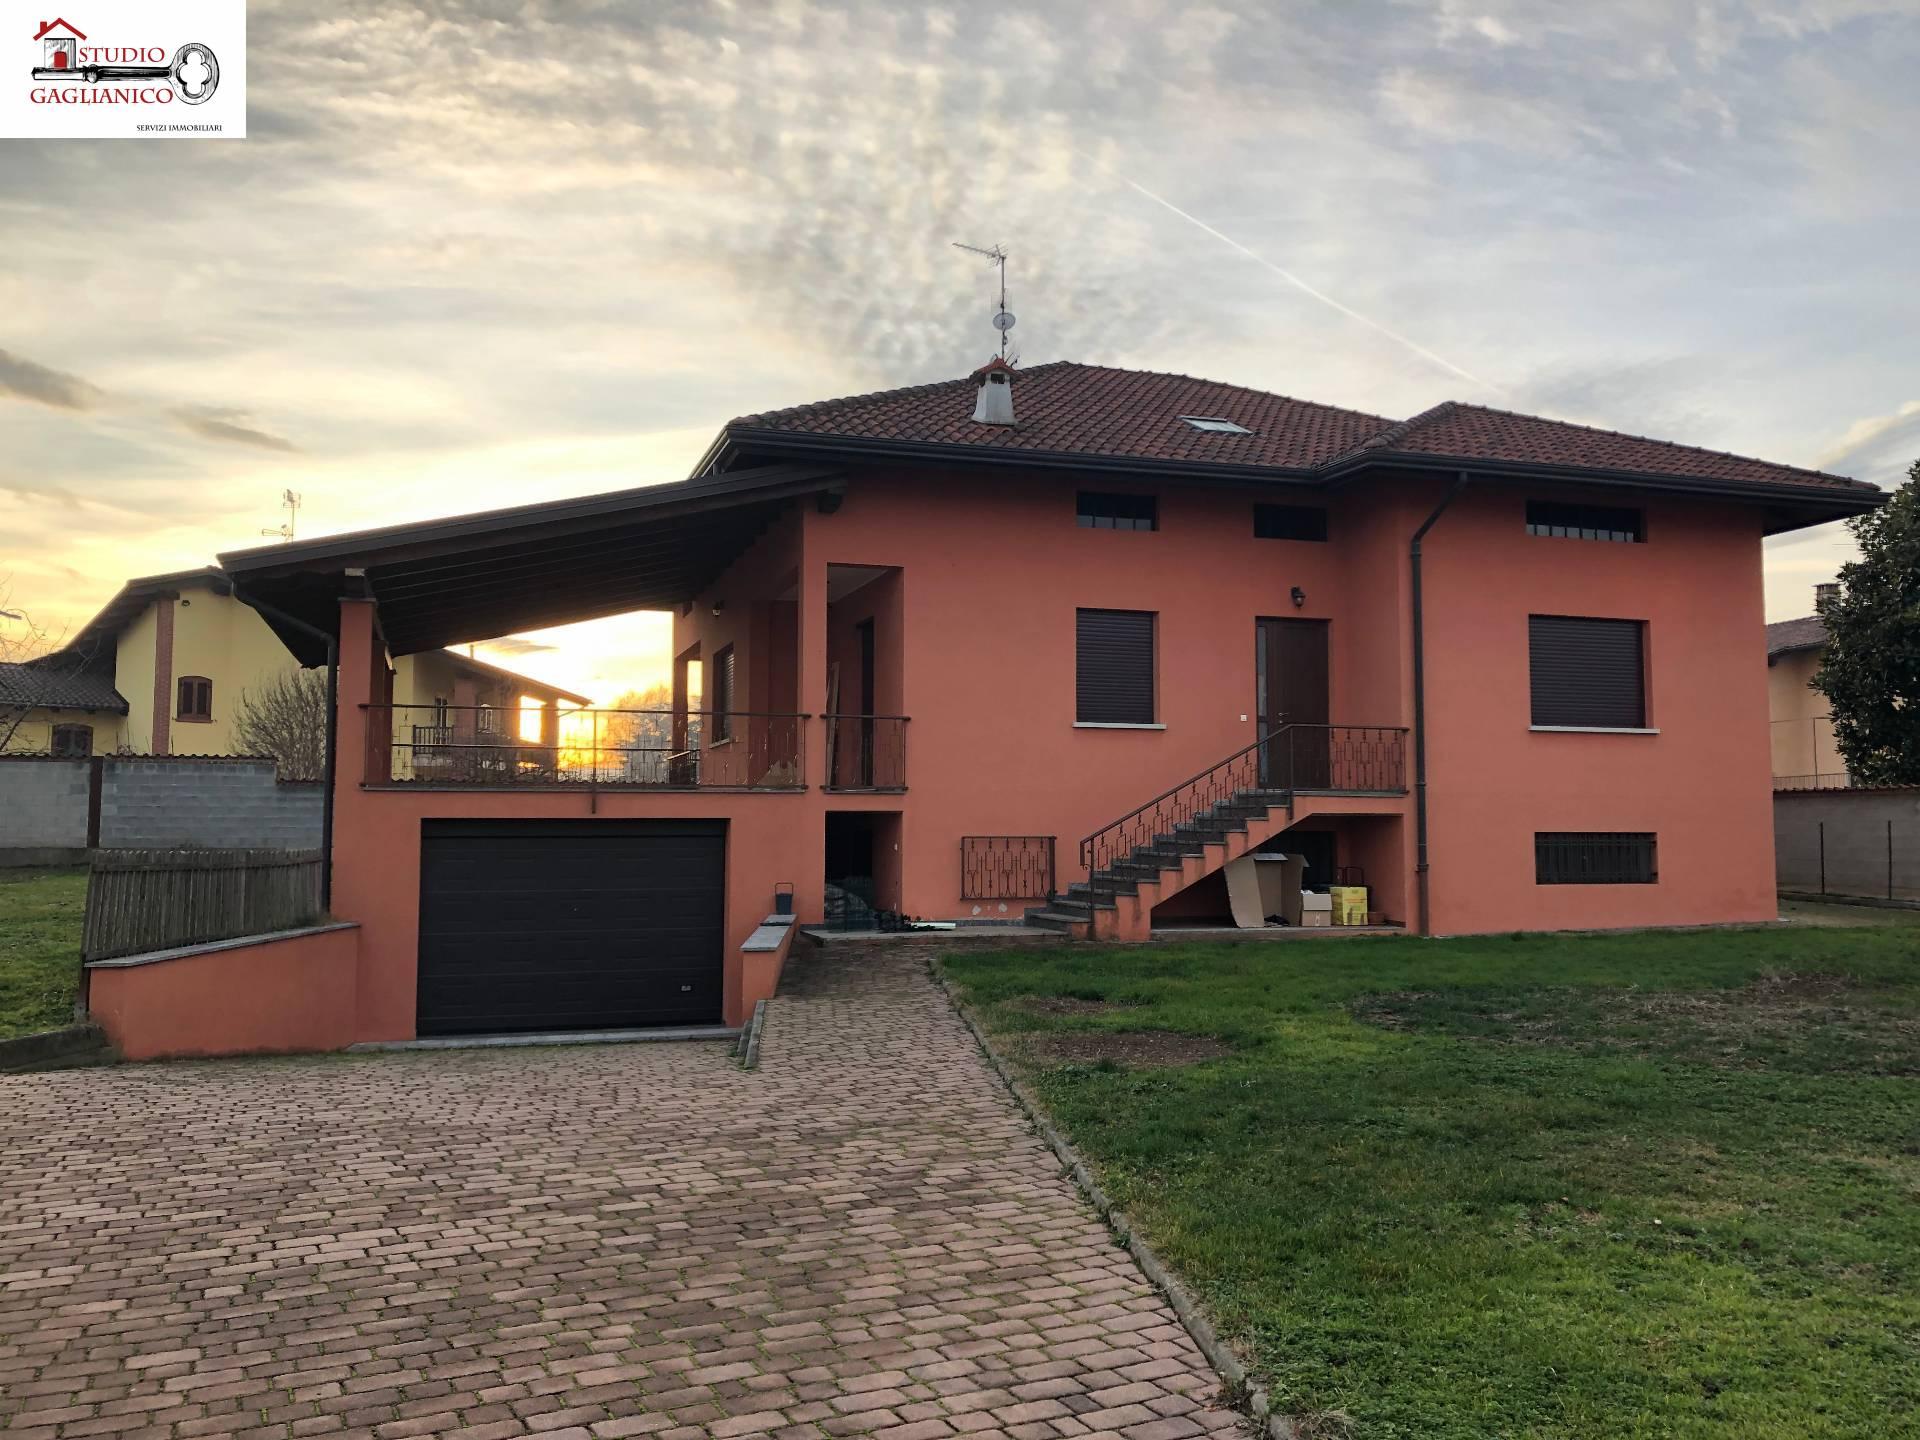 Villa in vendita a Cerrione (BI)